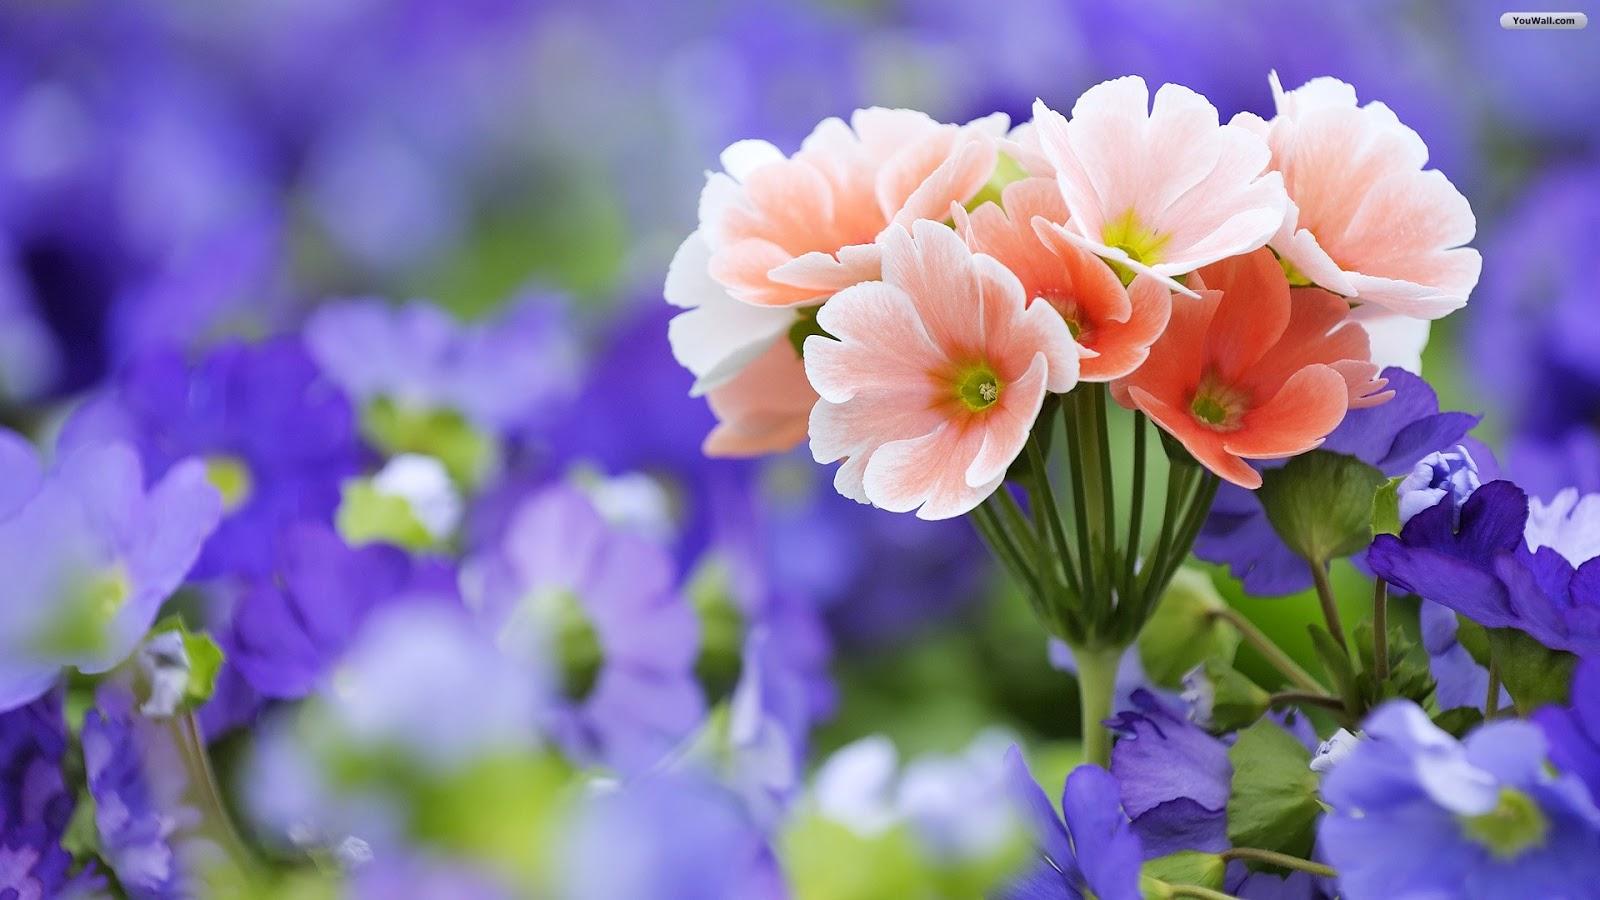 HD Flowers Wallpapers for Desktop - WallpaperSafari